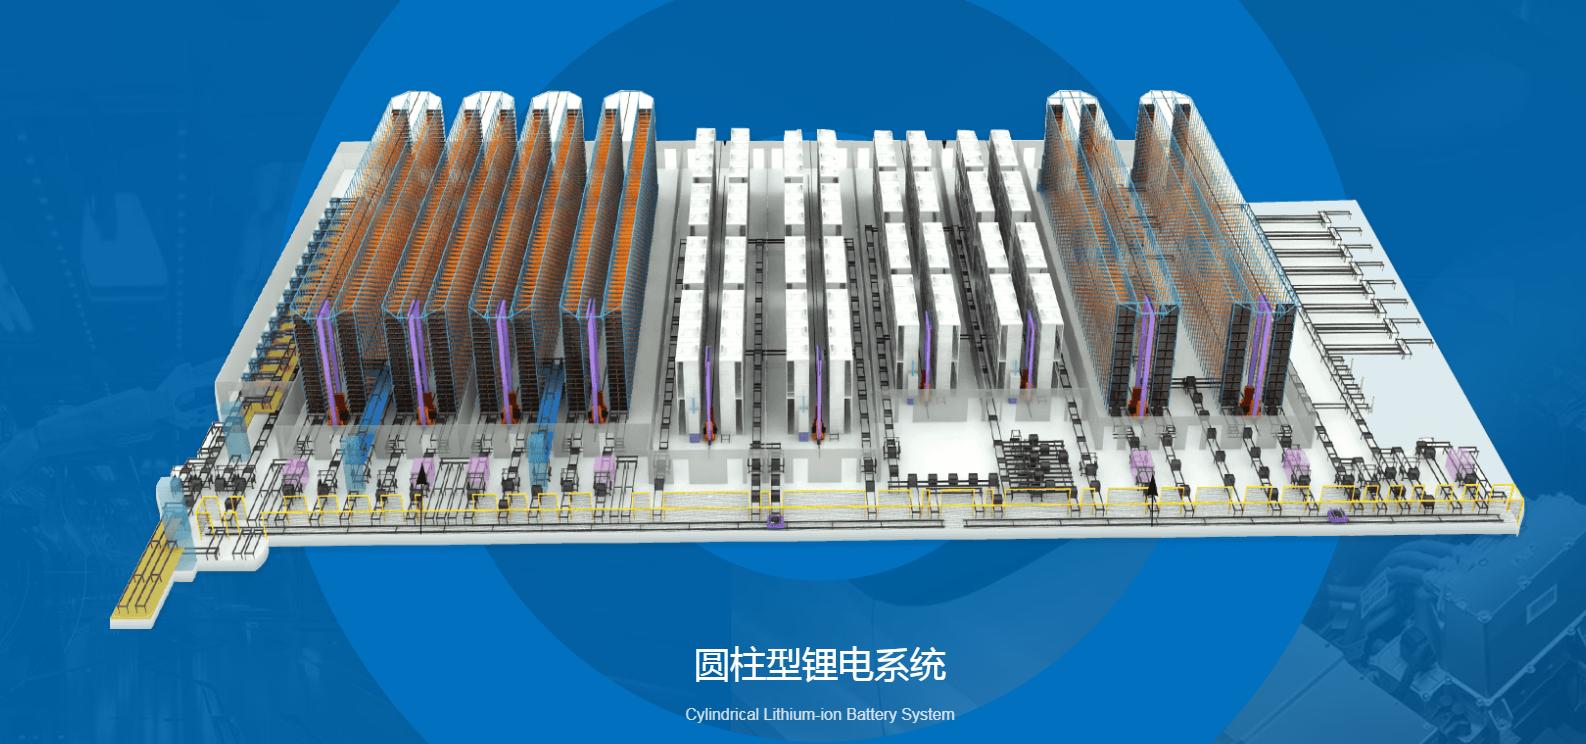 杭可科技申报科创板闪电过会 十大动力电池生产商八家为其客户